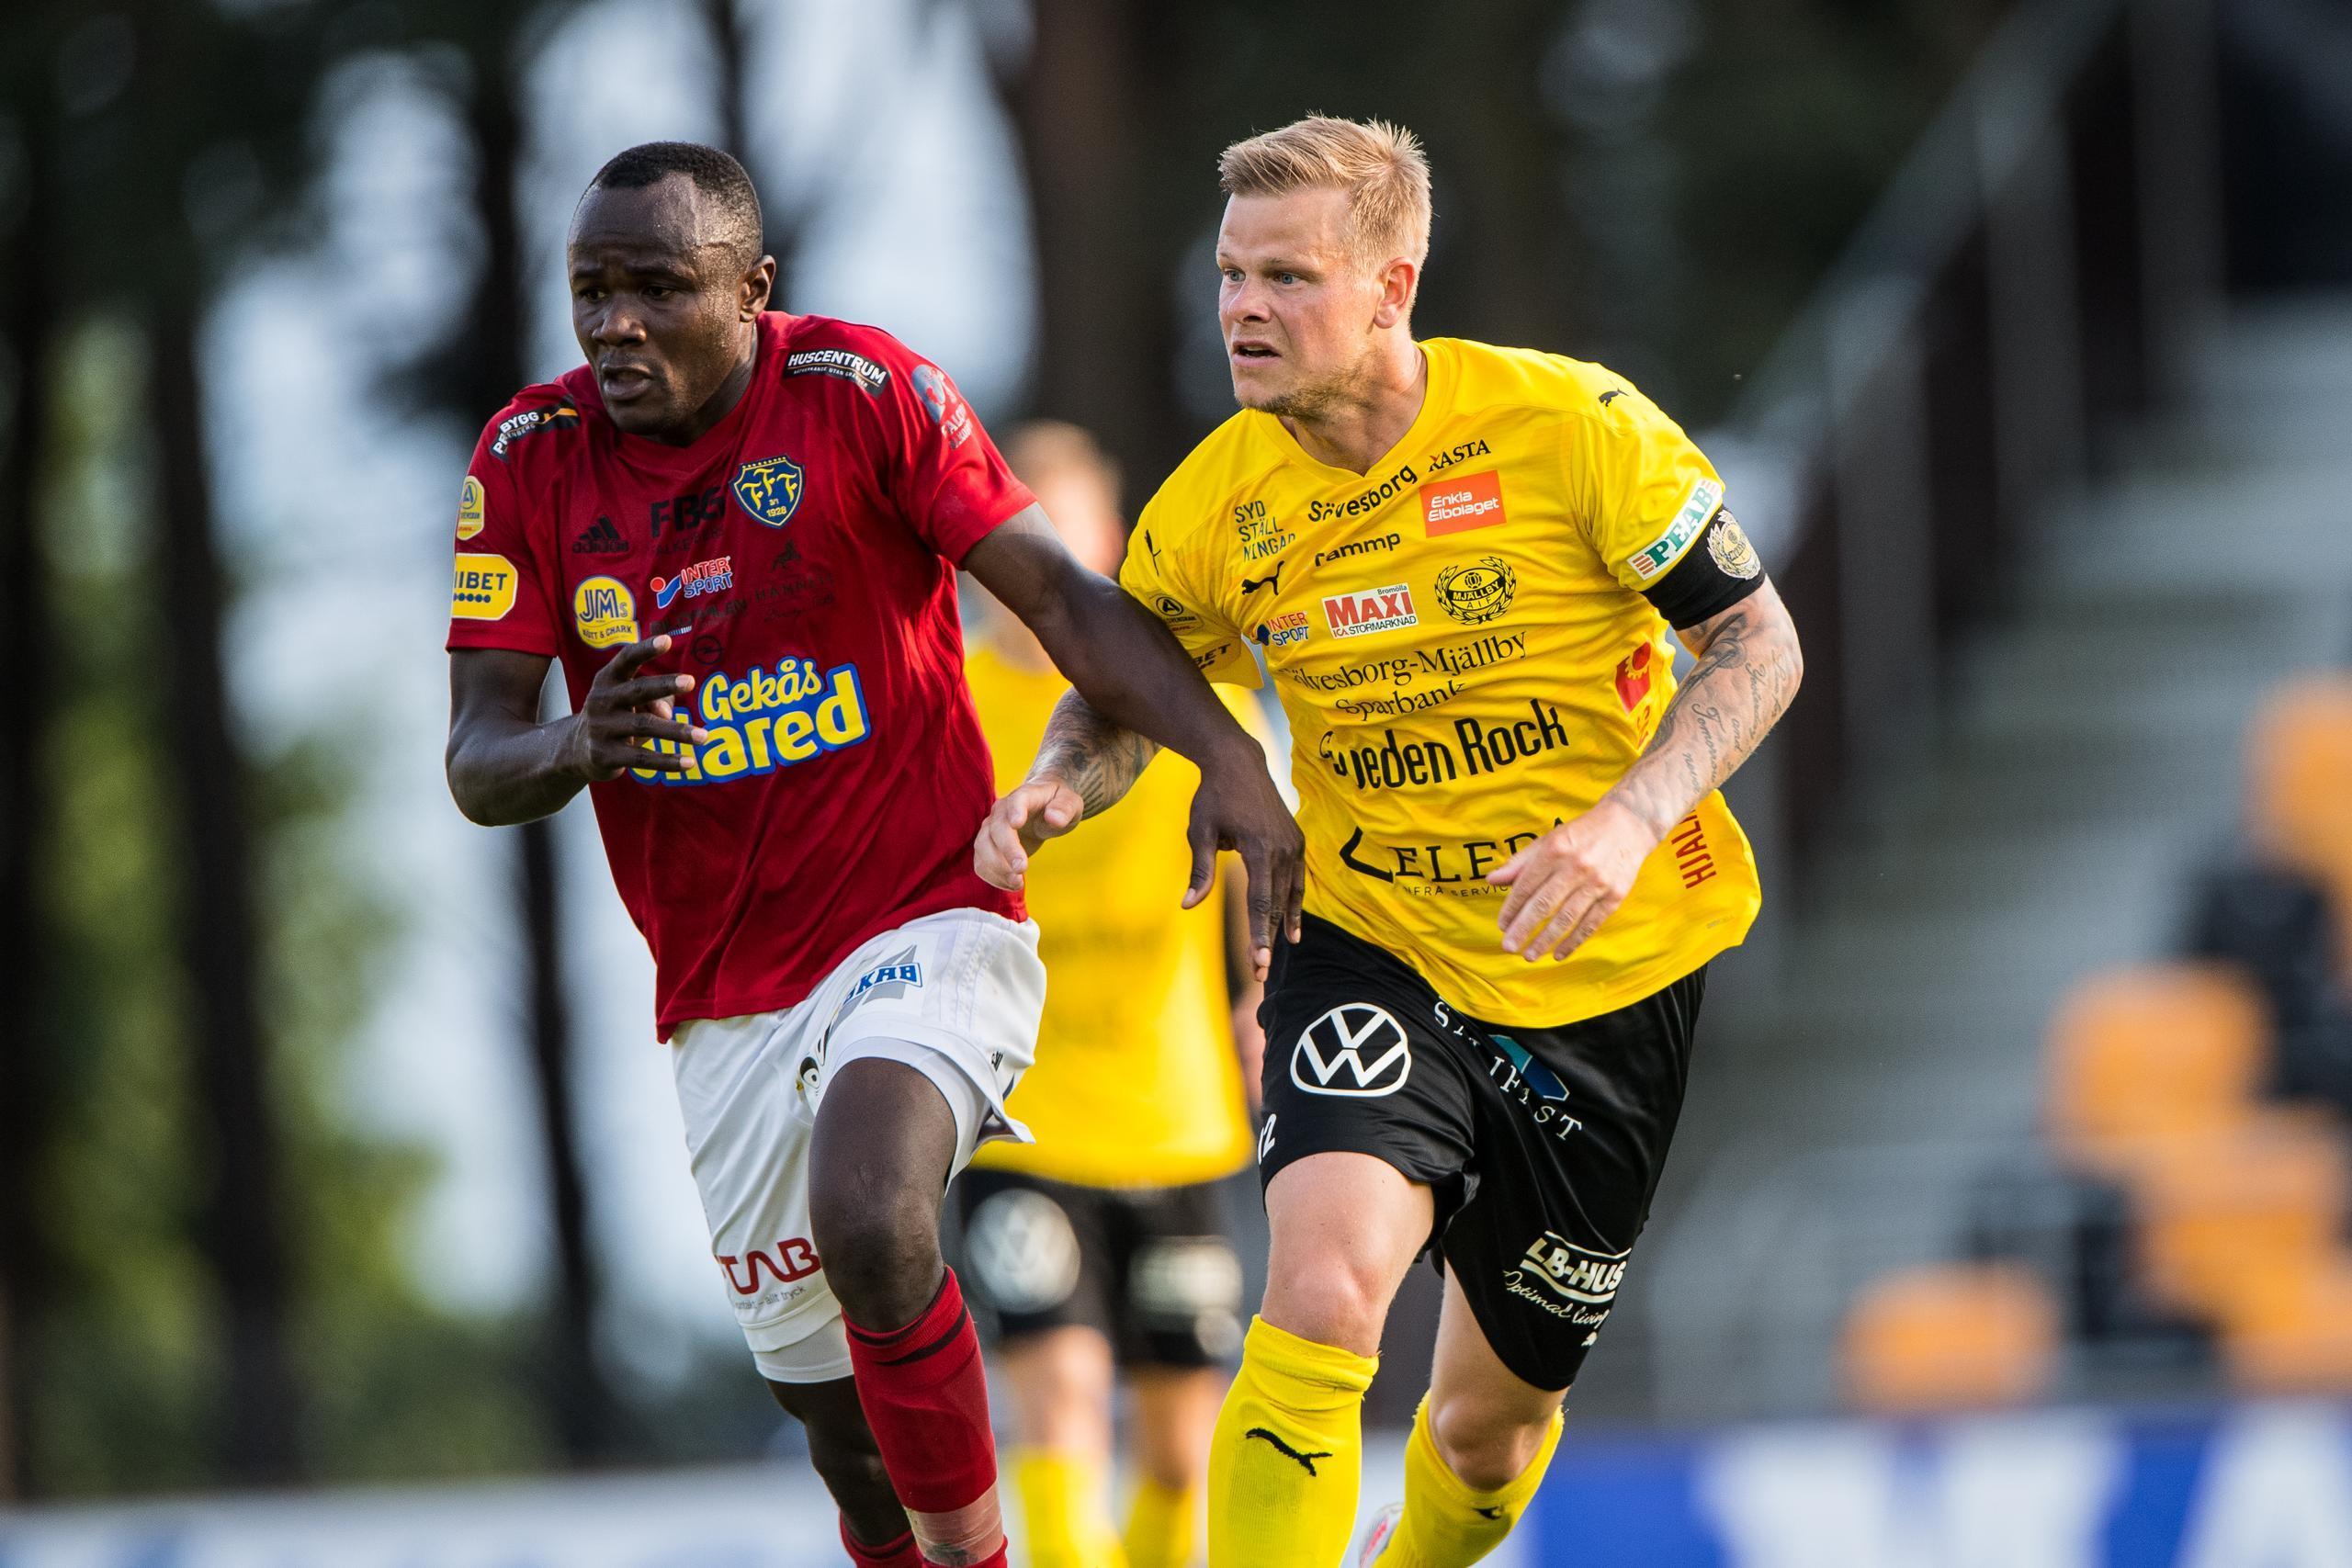 Betygen i Falkenbergs FF mot Mjällby i Allsvenskan